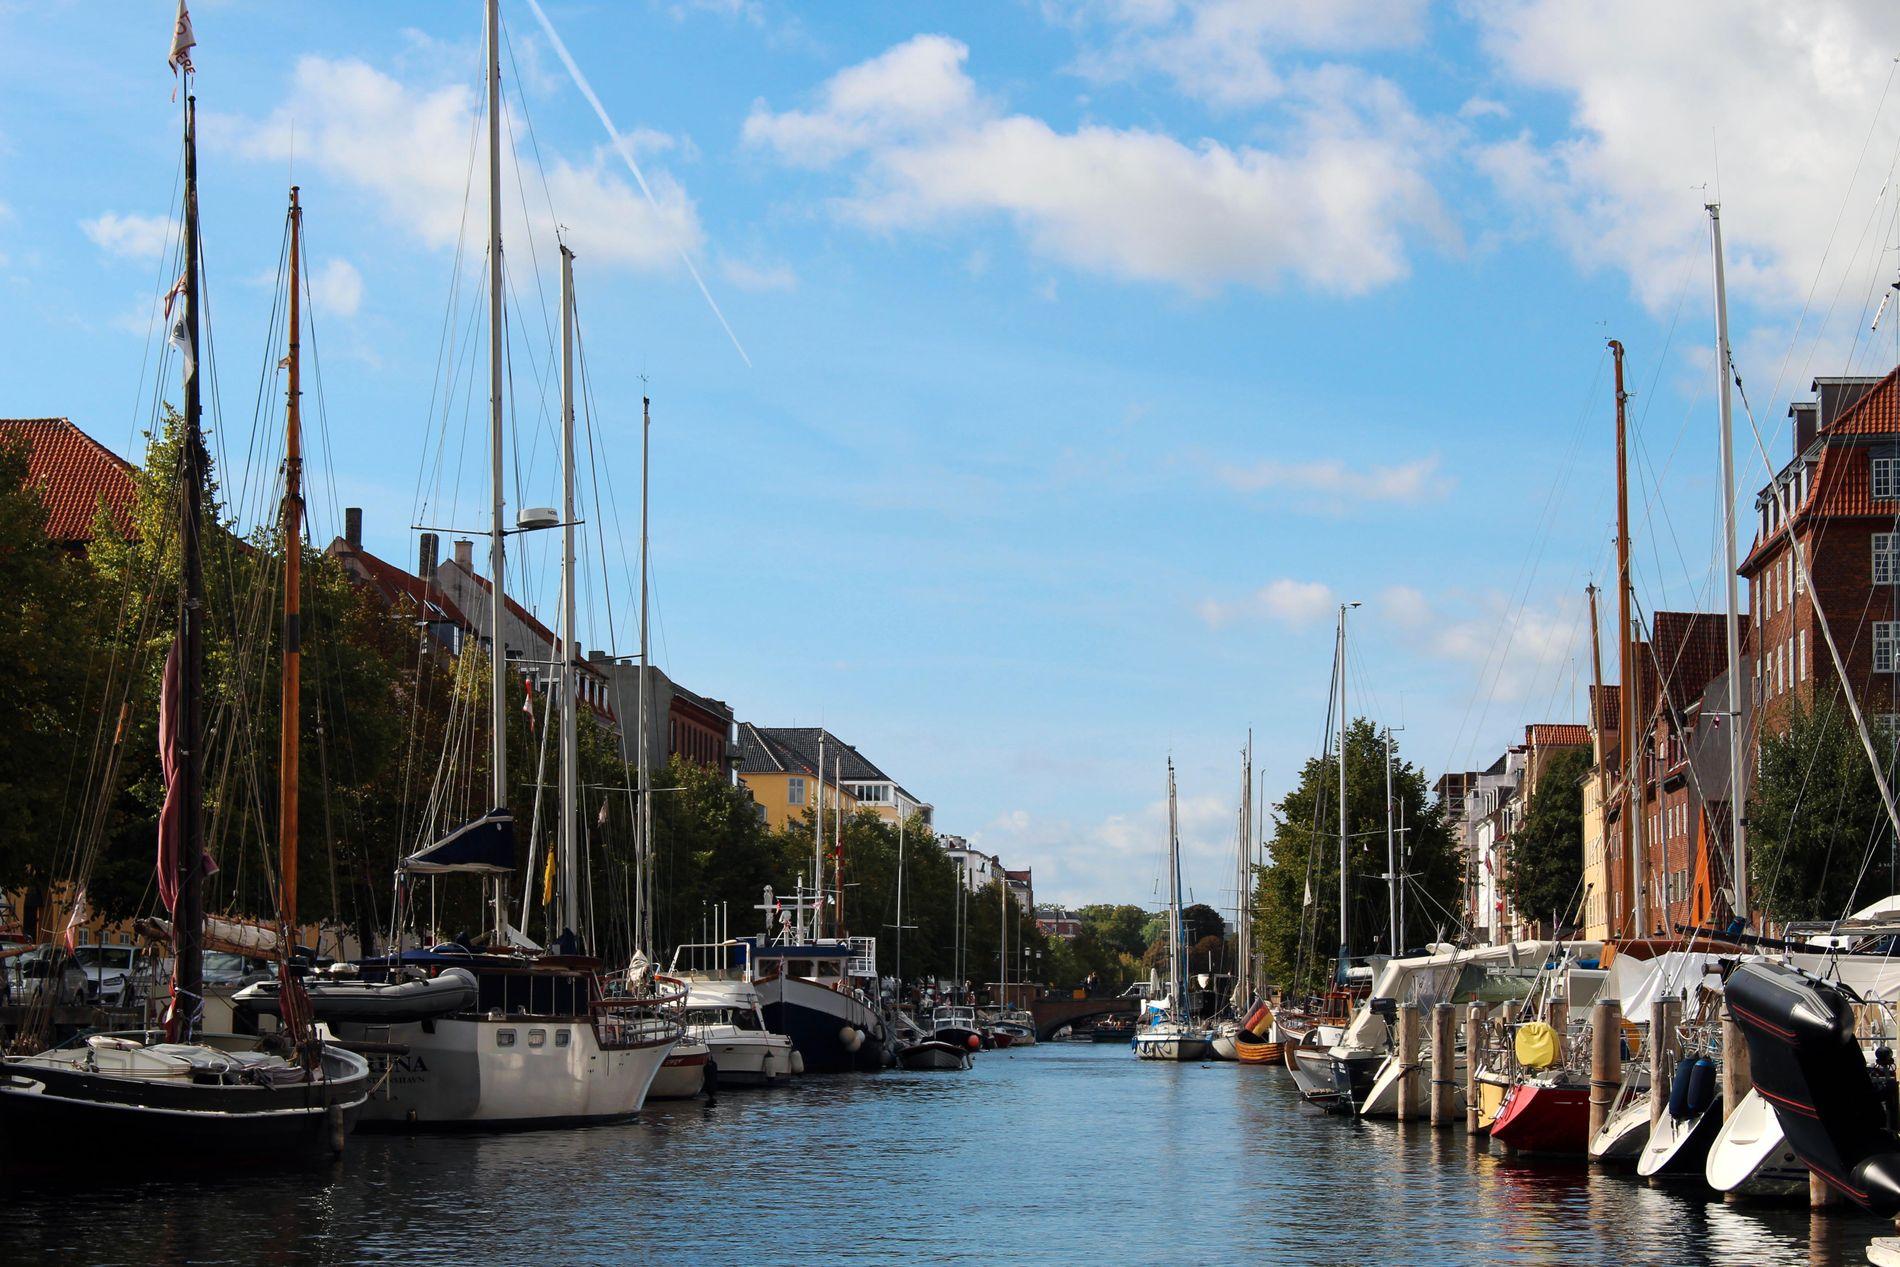 CHRISTIANSHAVN: Den gamle danske kongen hadde Nederland i tankene da han bygget Christianshavn. I dag er kanalen full av husbåter.